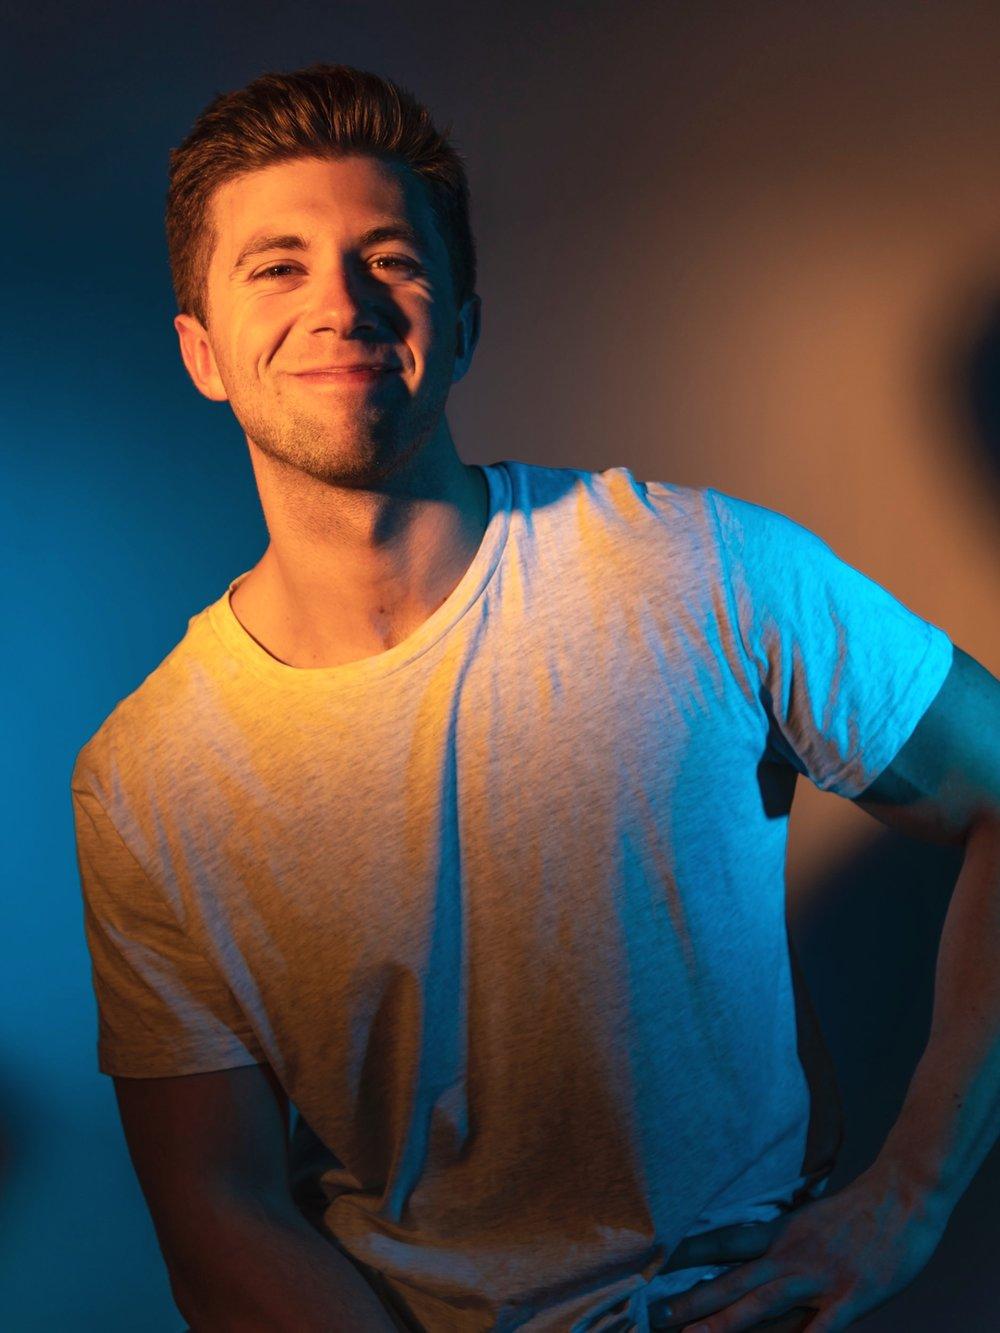 Daniel Whitaker | Creative Director